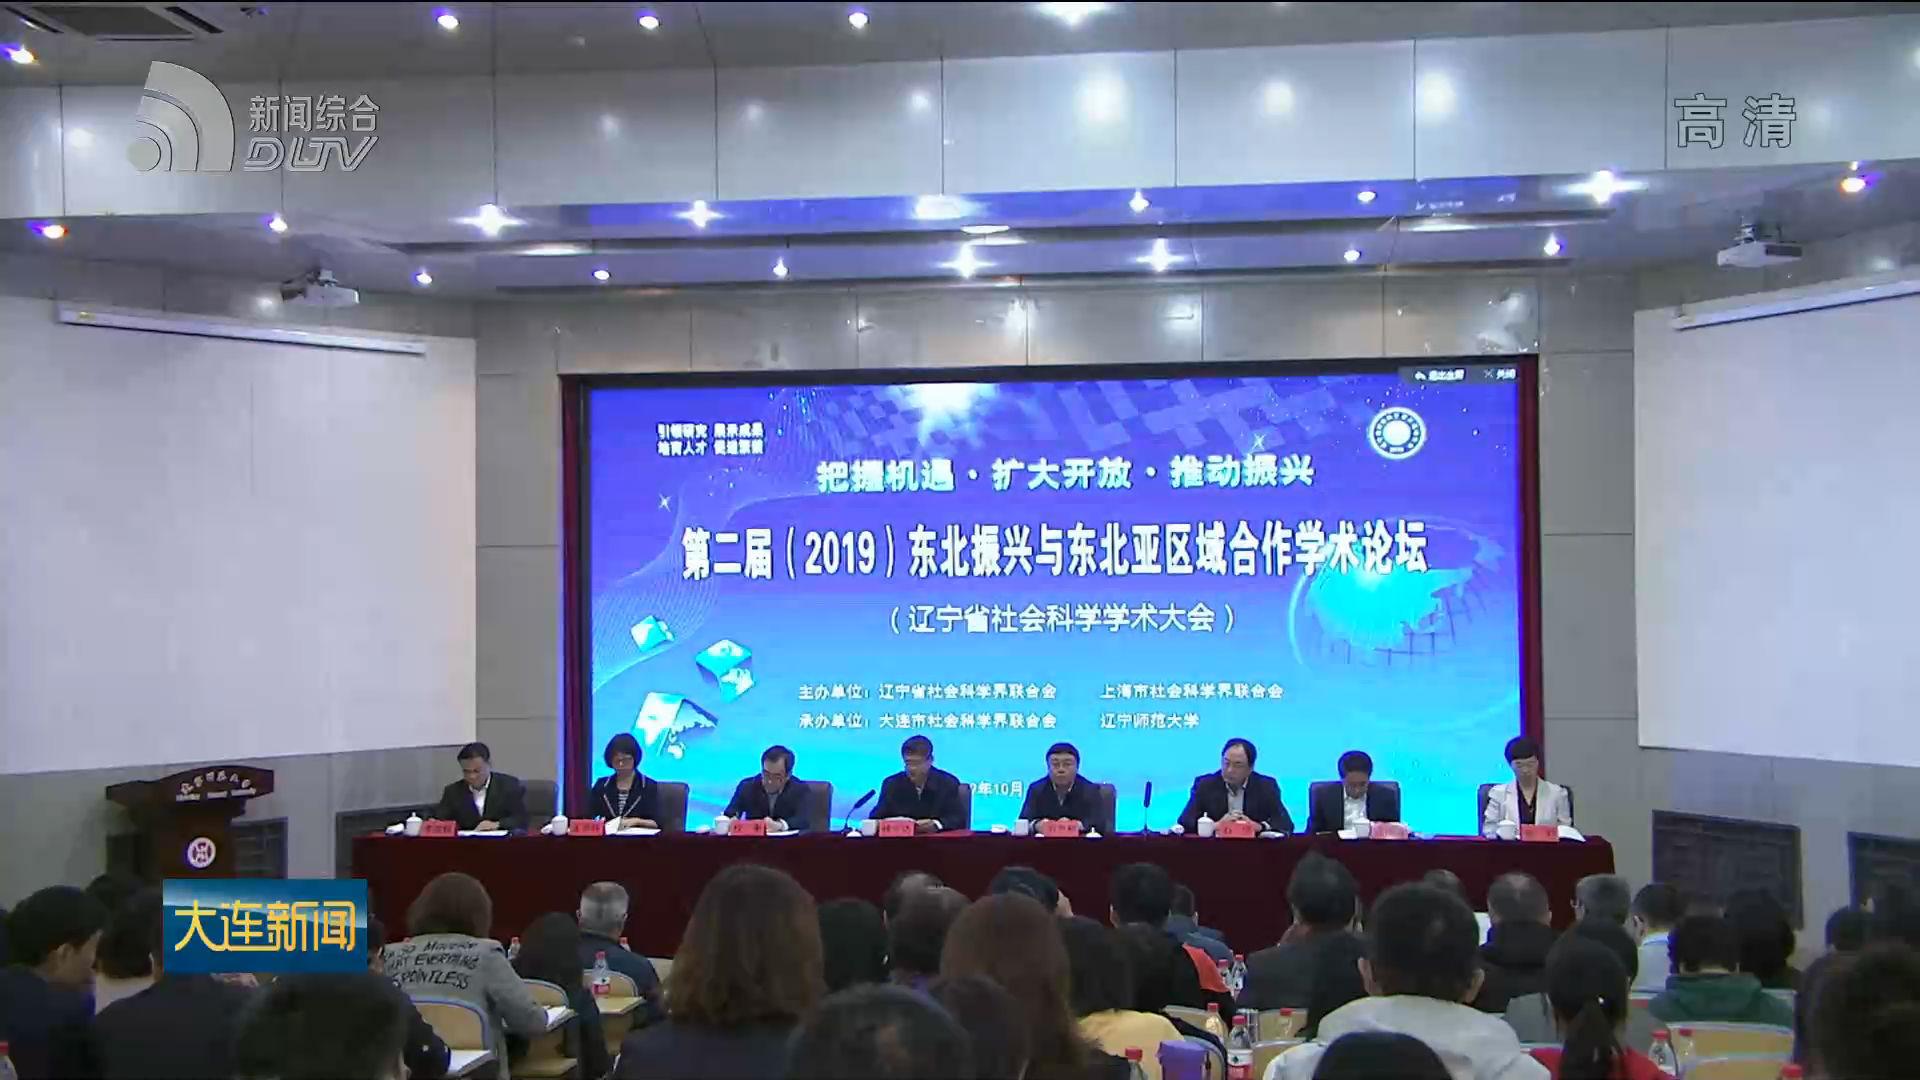 東北振興與東北亞區域合作學術論壇在連舉行